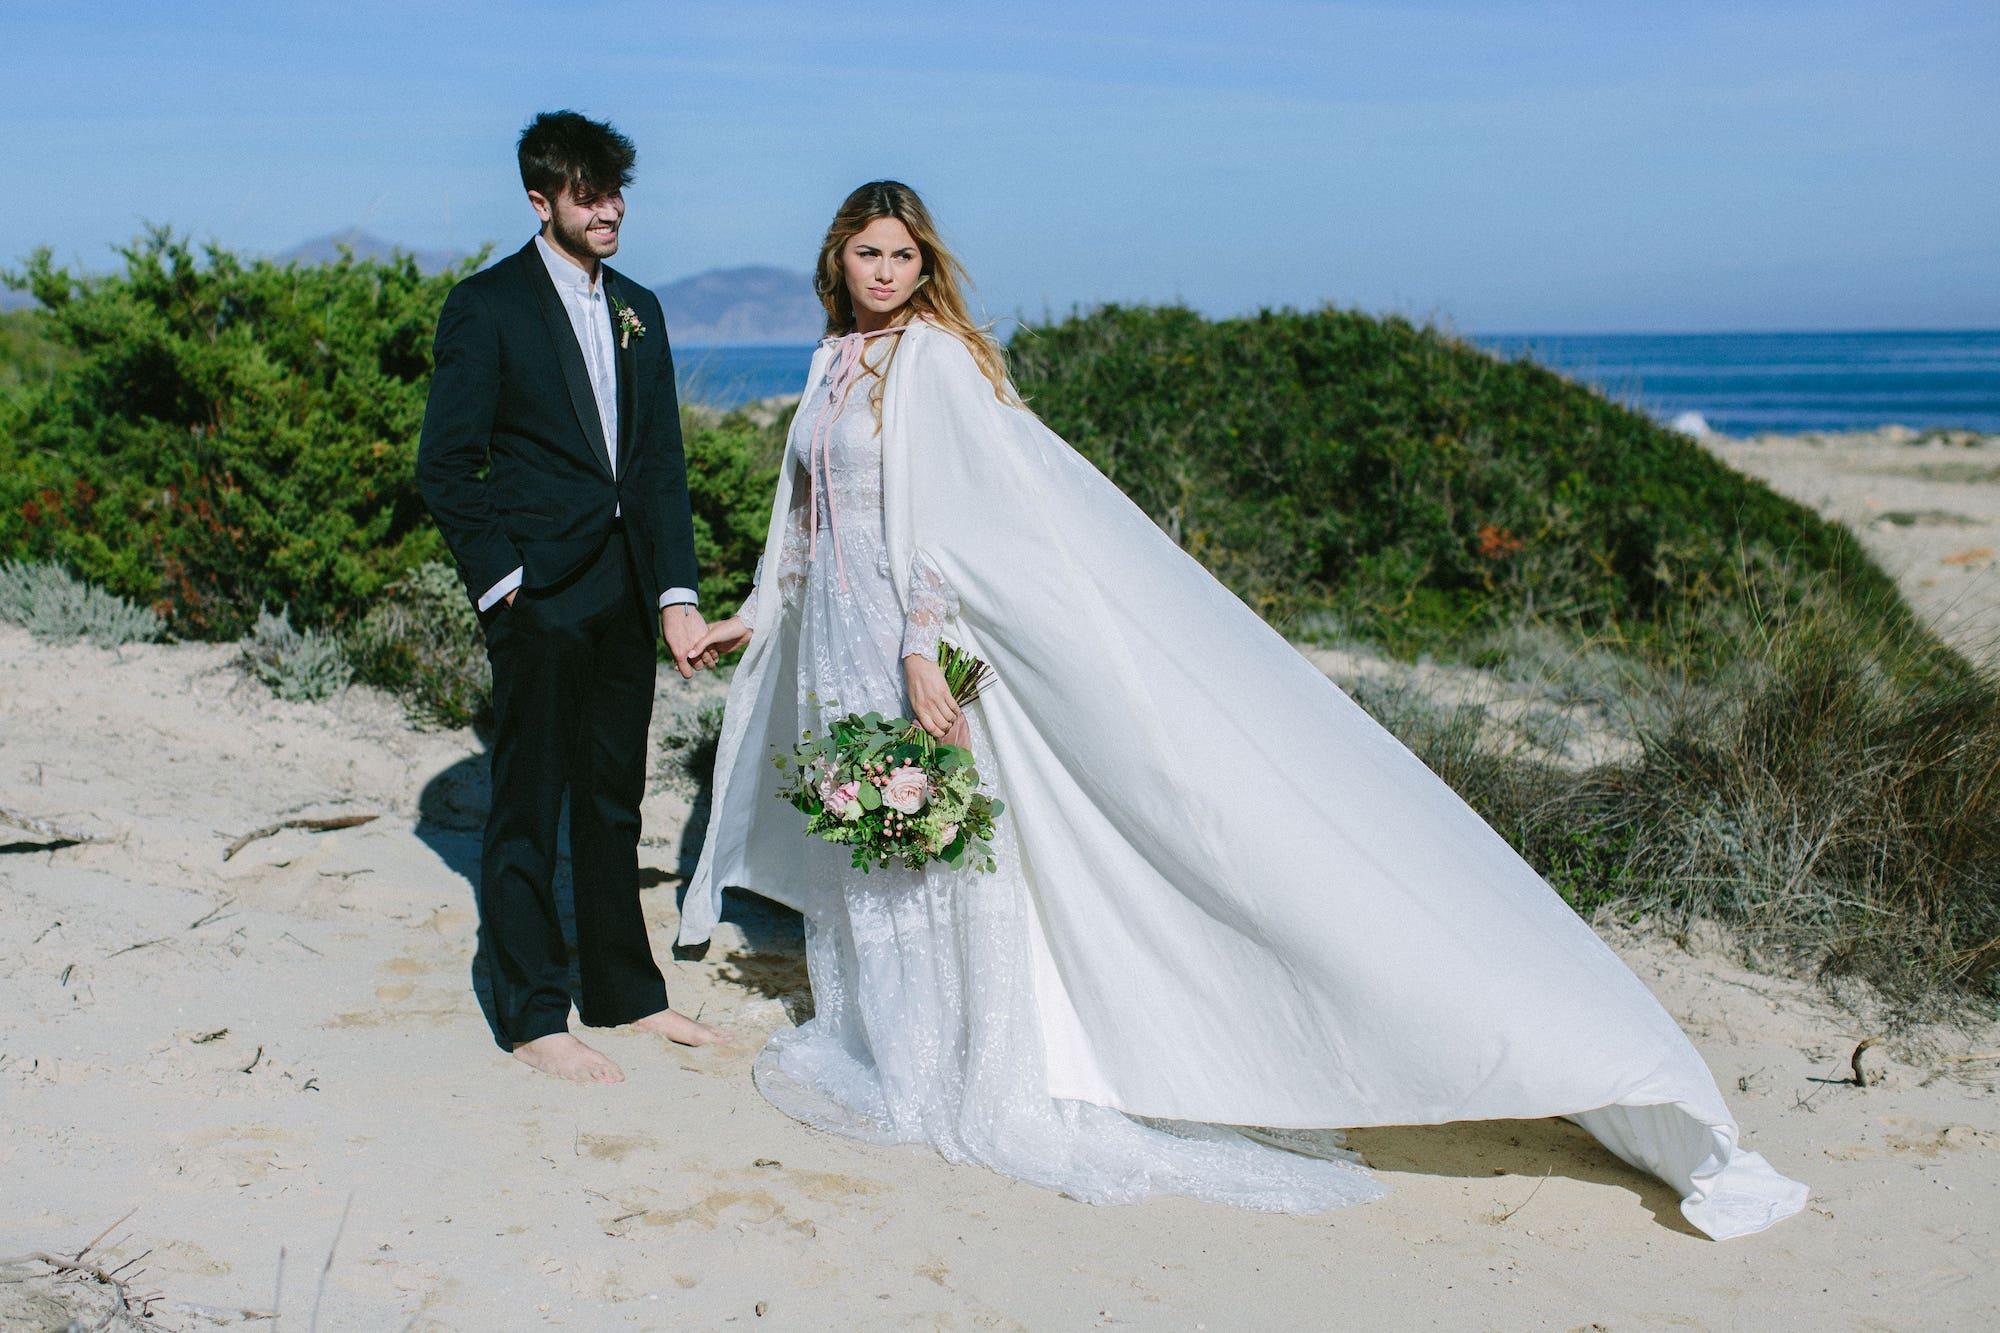 winter wedding dress for bride in Mallorca